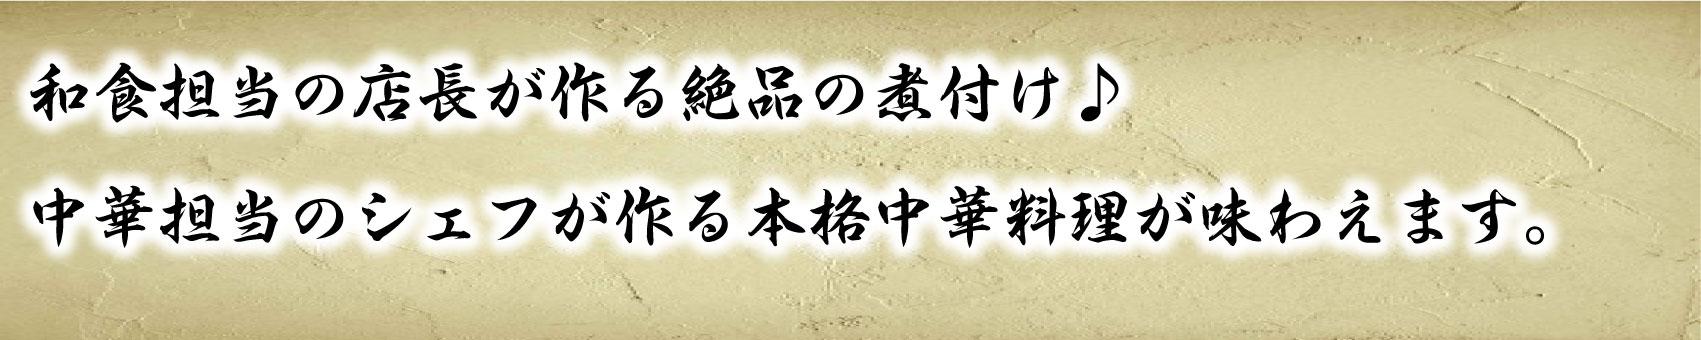 shoku 虎の子 〒286-0048 千葉県成田市公津の杜3-6-7-104